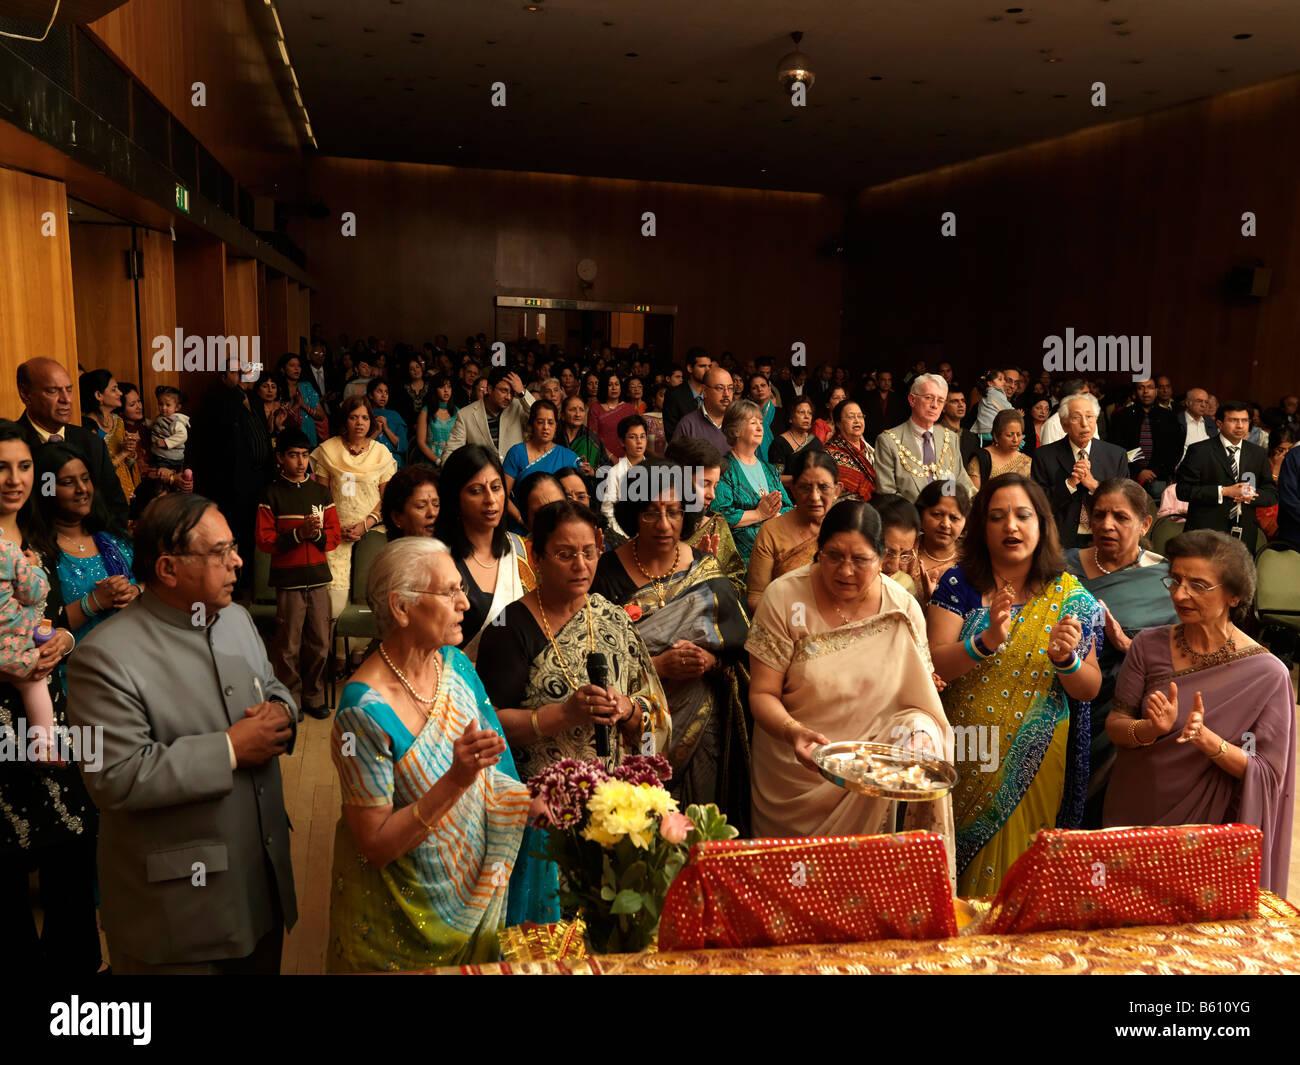 Arti e pubblico a Diwali celebrazioni di Wandsworth Town Hall Immagini Stock